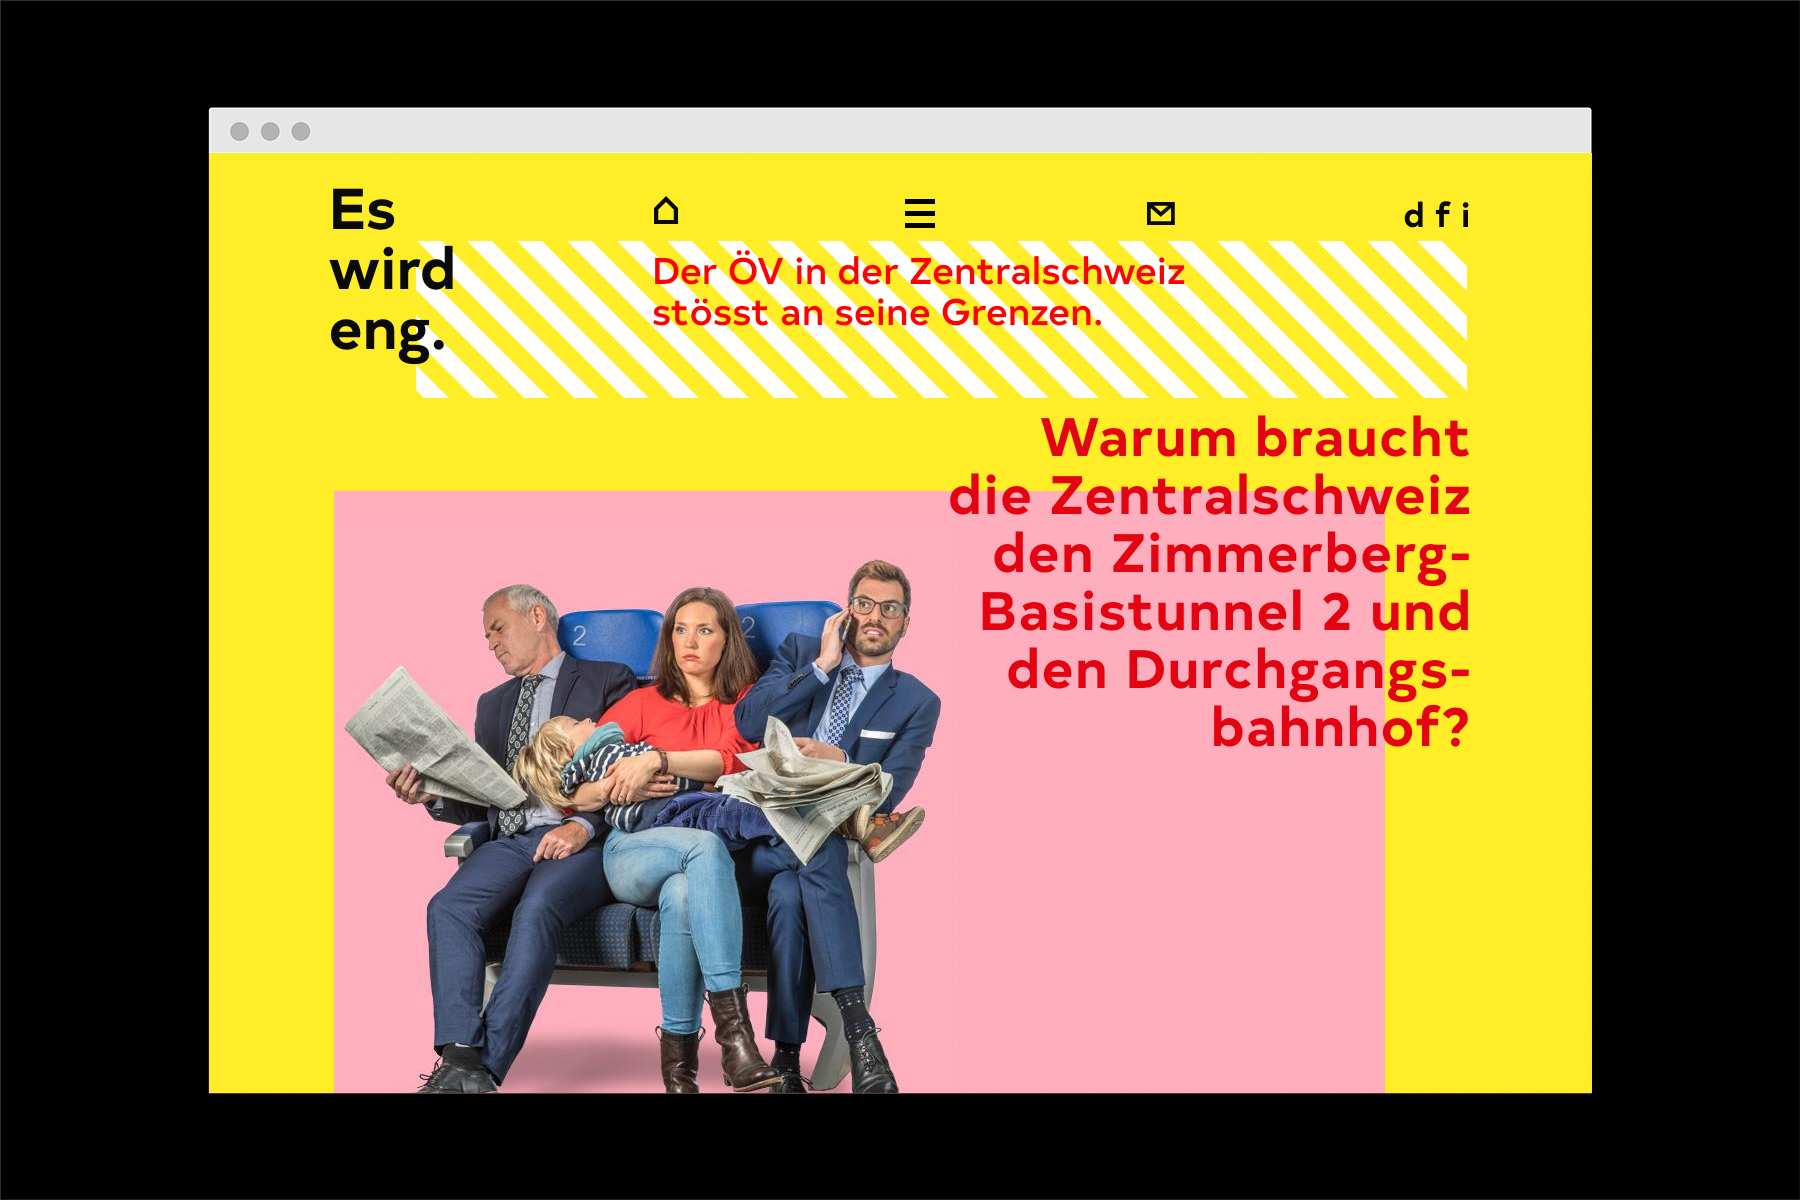 Durchgangsbahnhof Luzern Es wird Eng Webseite